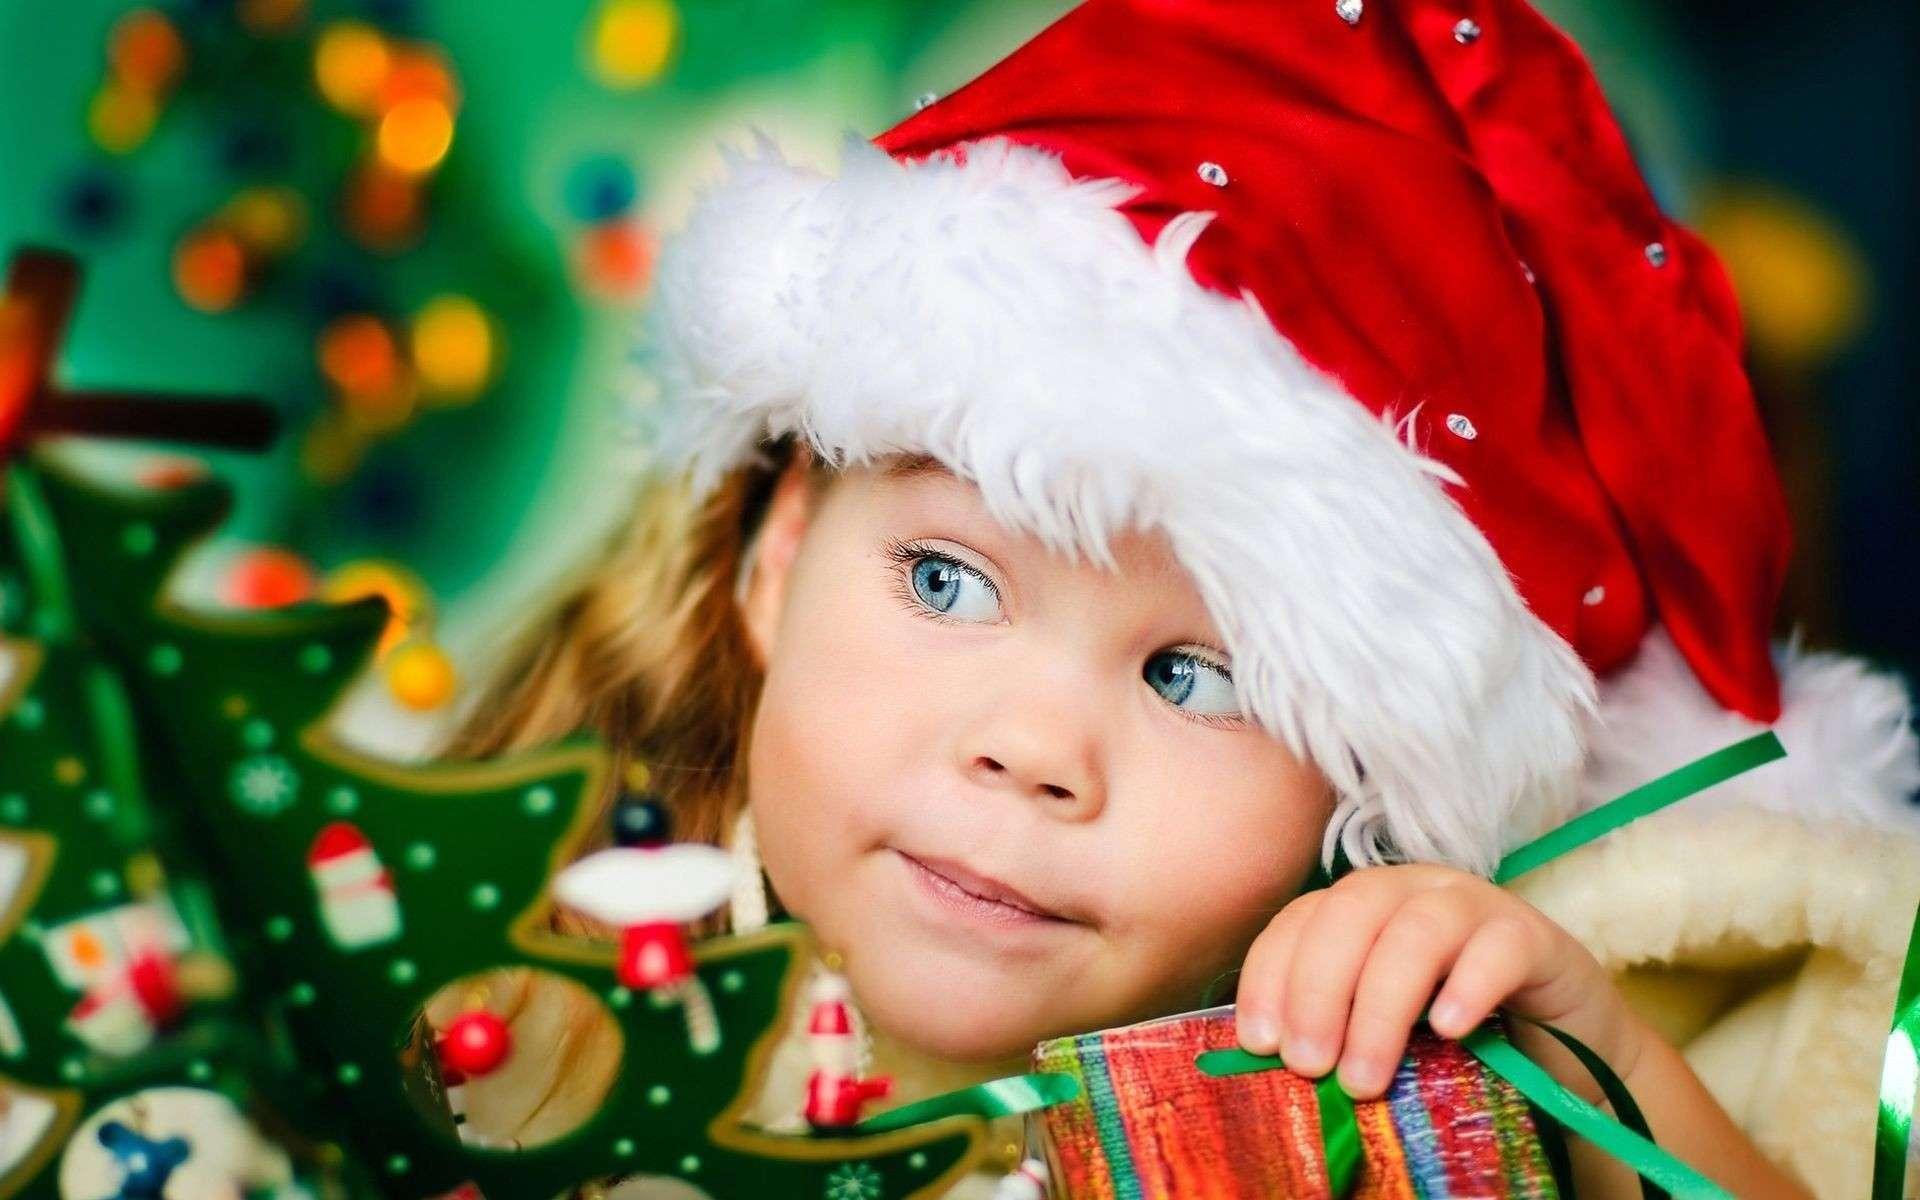 Regali Di Natale Bimbi.Fare O Non Fare Regali Ai Figli Troviamo La Via Di Mezzo